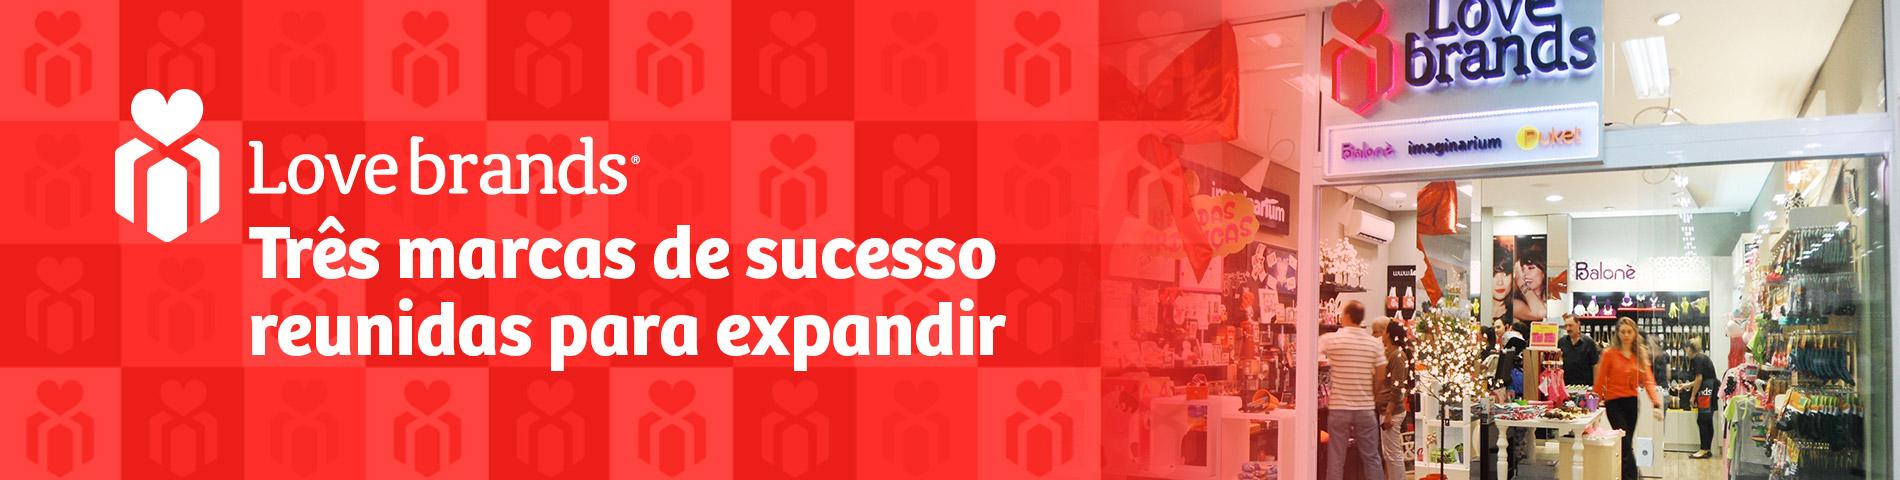 LoveBrands - Três marcas de sucesso reunidas para expandir